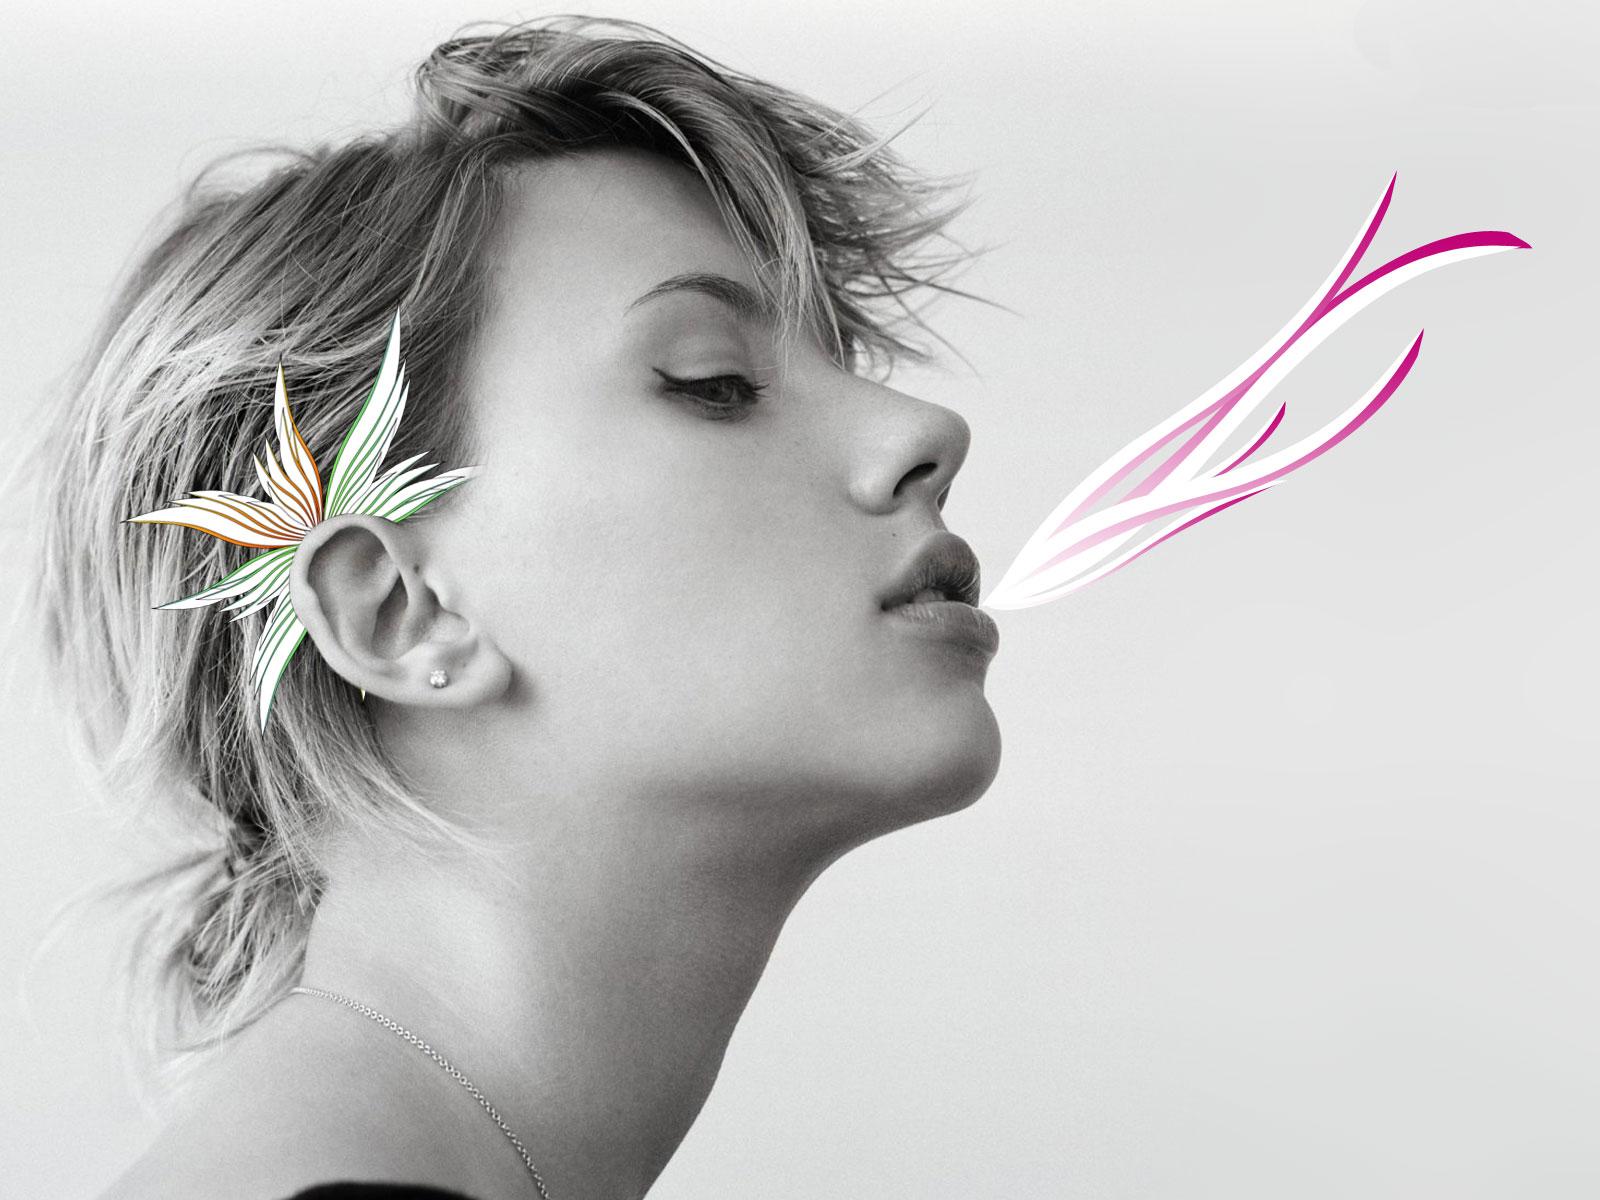 http://2.bp.blogspot.com/-Ld7_ial6JJw/Tx1naP8XsxI/AAAAAAAABx8/nv9dmSNlfcw/s1600/Scarlett-Johansson-Free-Wallpapers-3.jpg